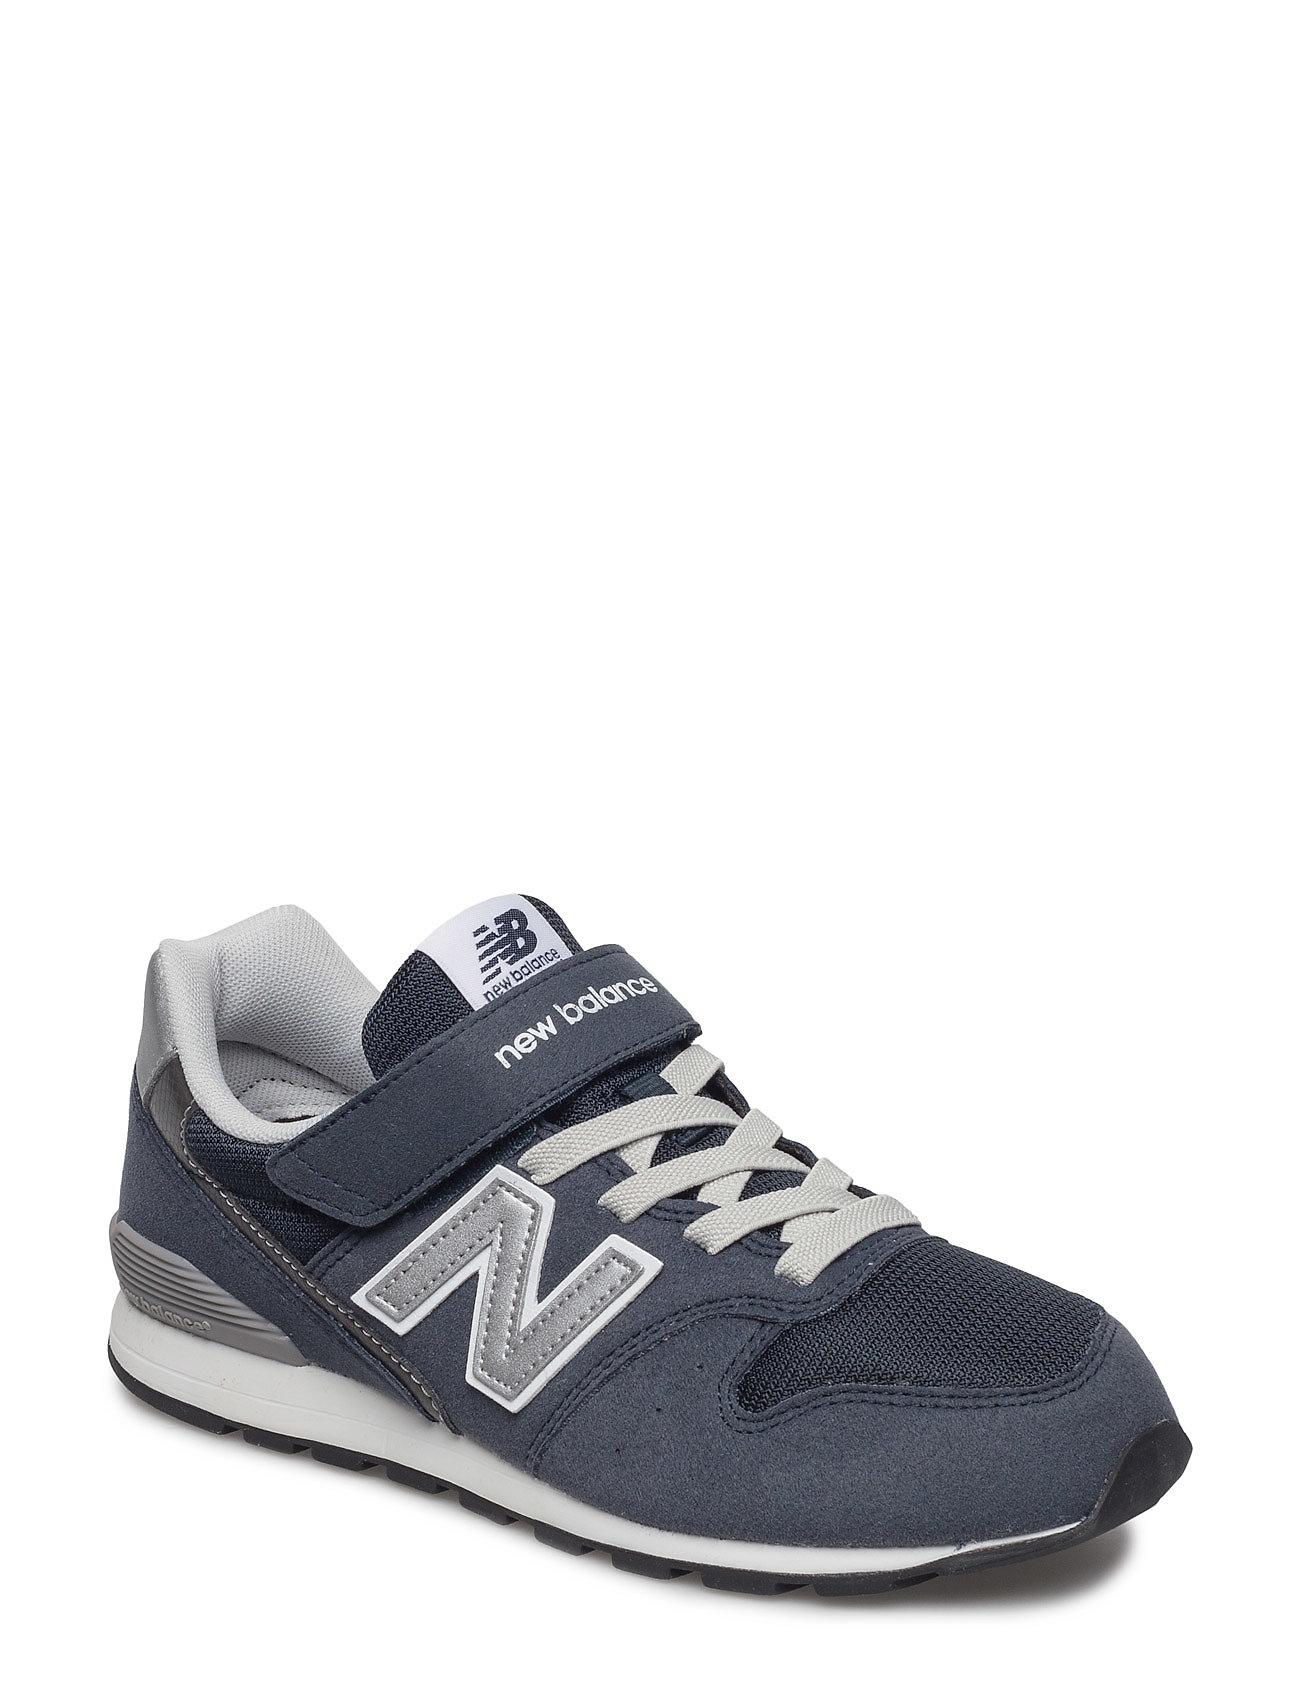 Kv996cky New Balance Sko & Sneakers til Børn i Navy blå